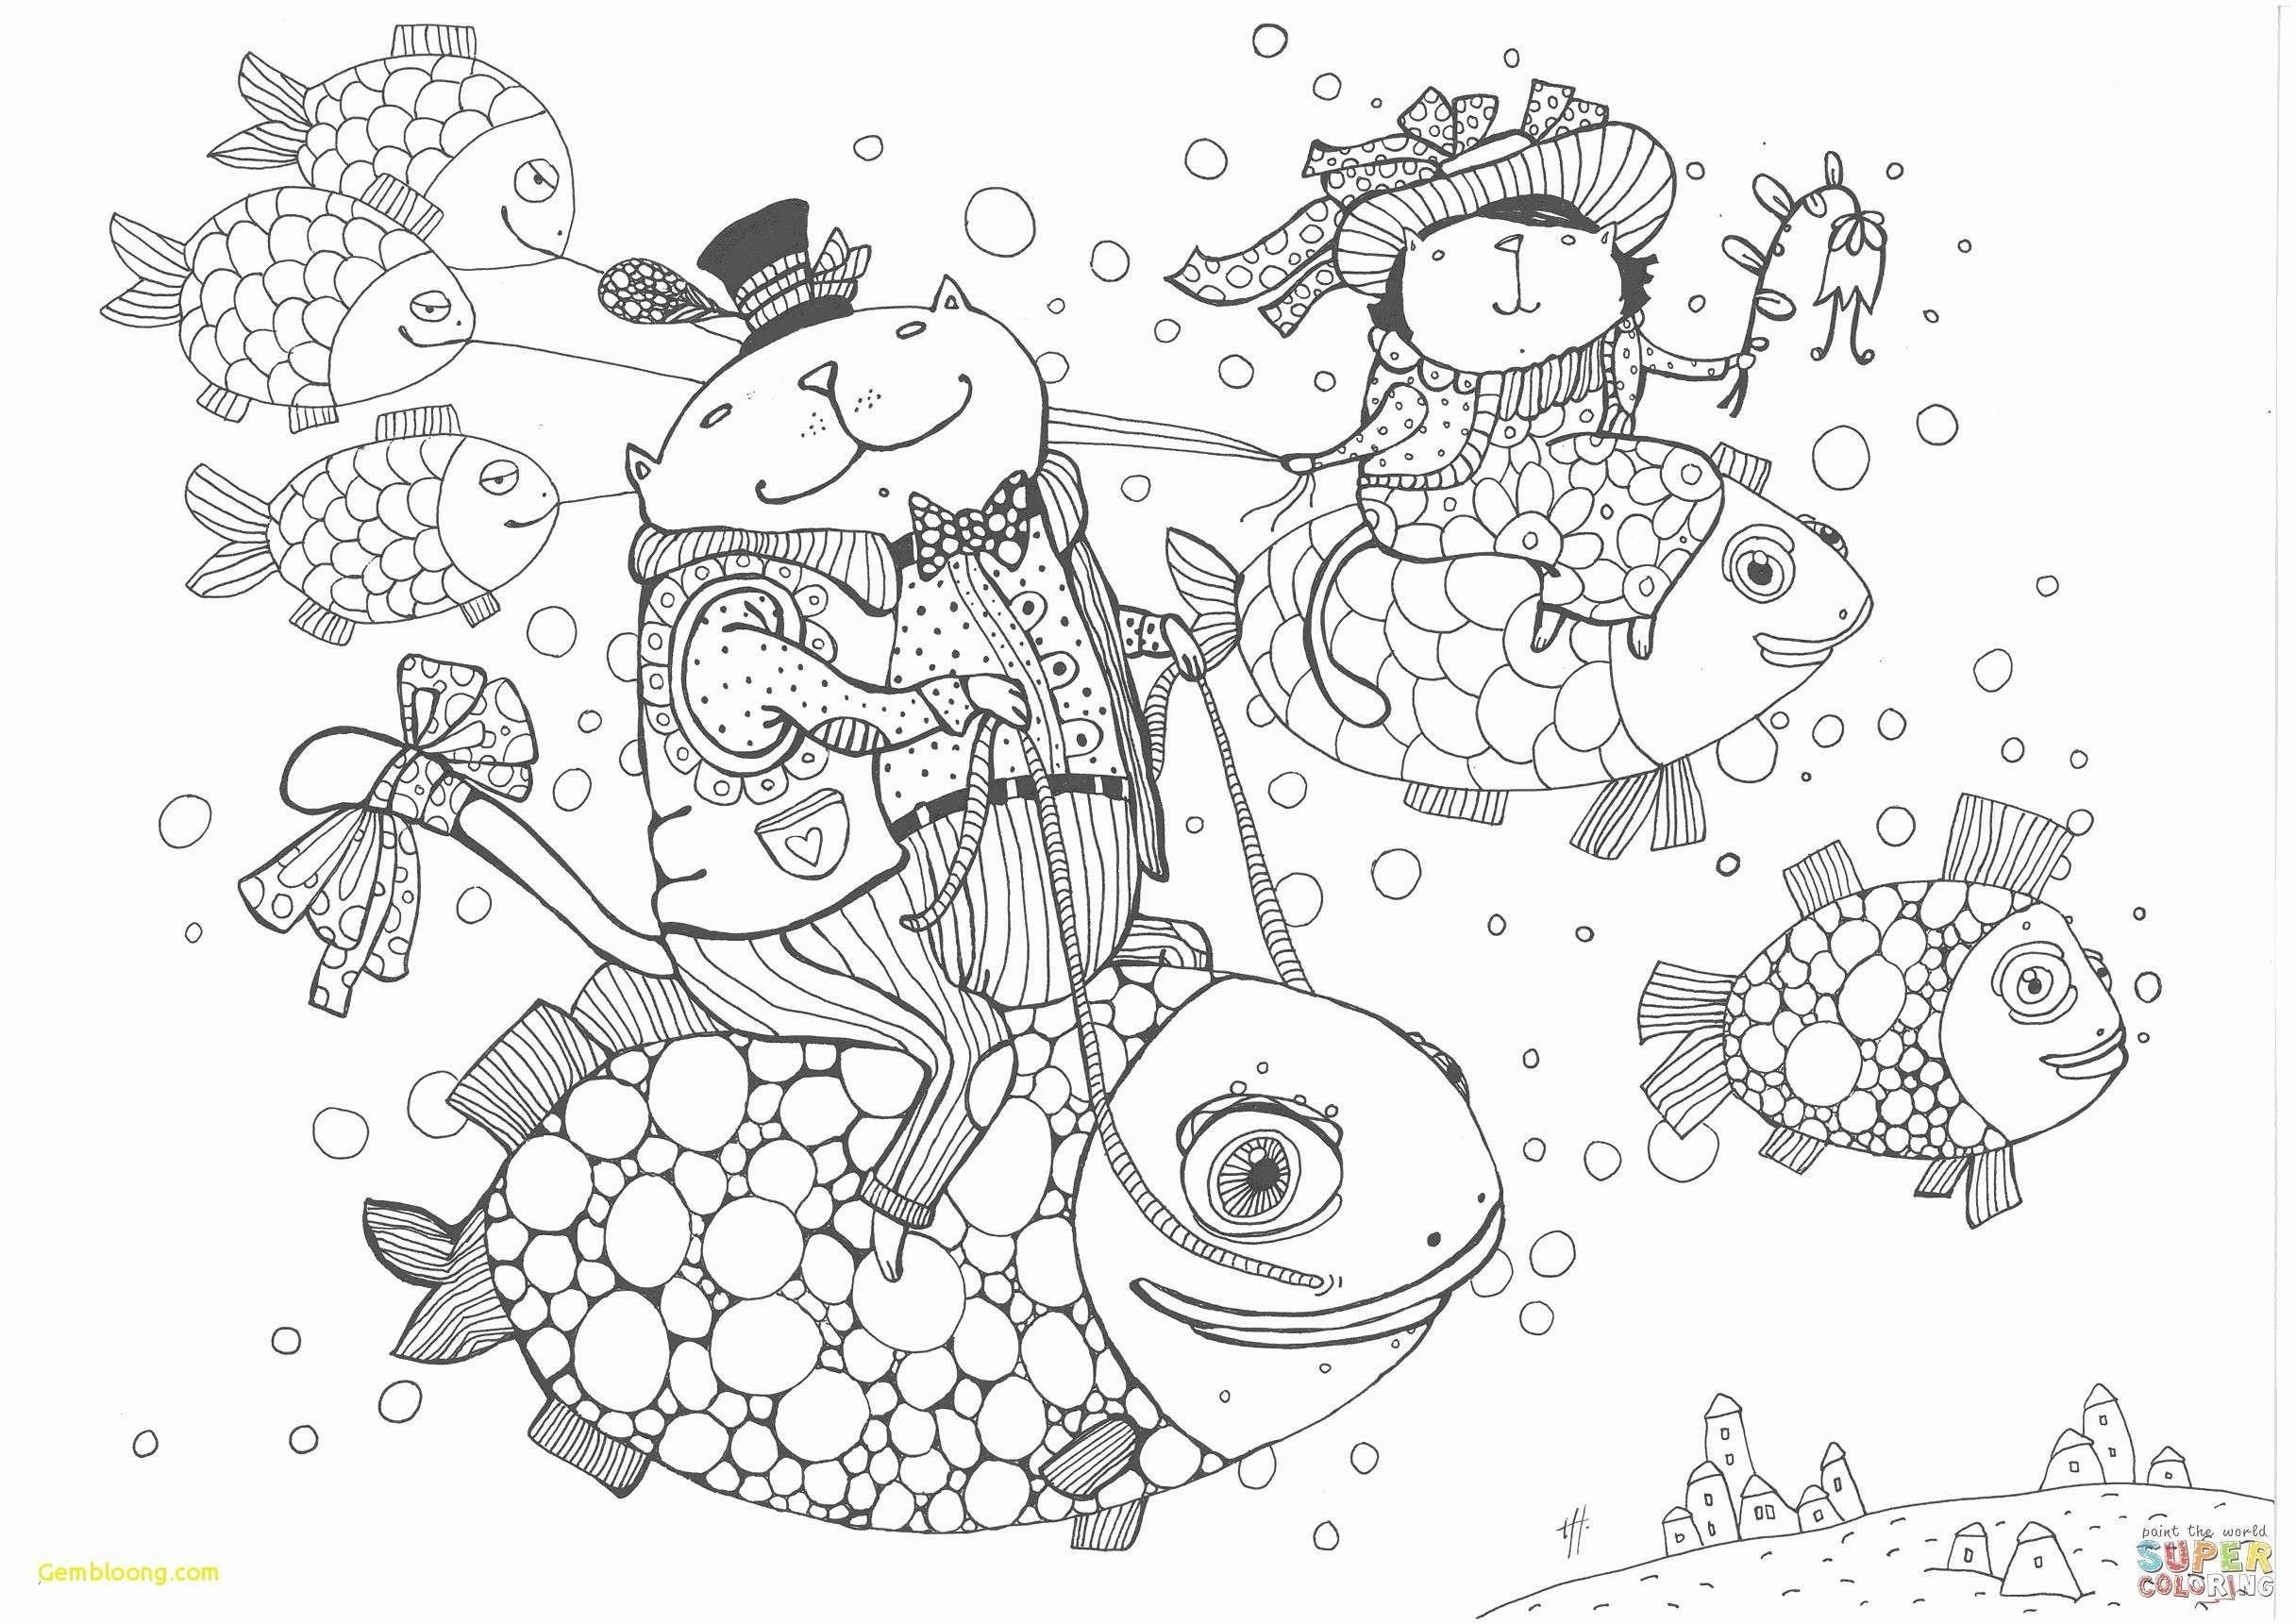 Fische Zum Ausmalen Und Ausdrucken Neu Fisch Malbuch Wunderbar 32 Fisch Ausmalbilder Zum Ausdrucken Fotografieren